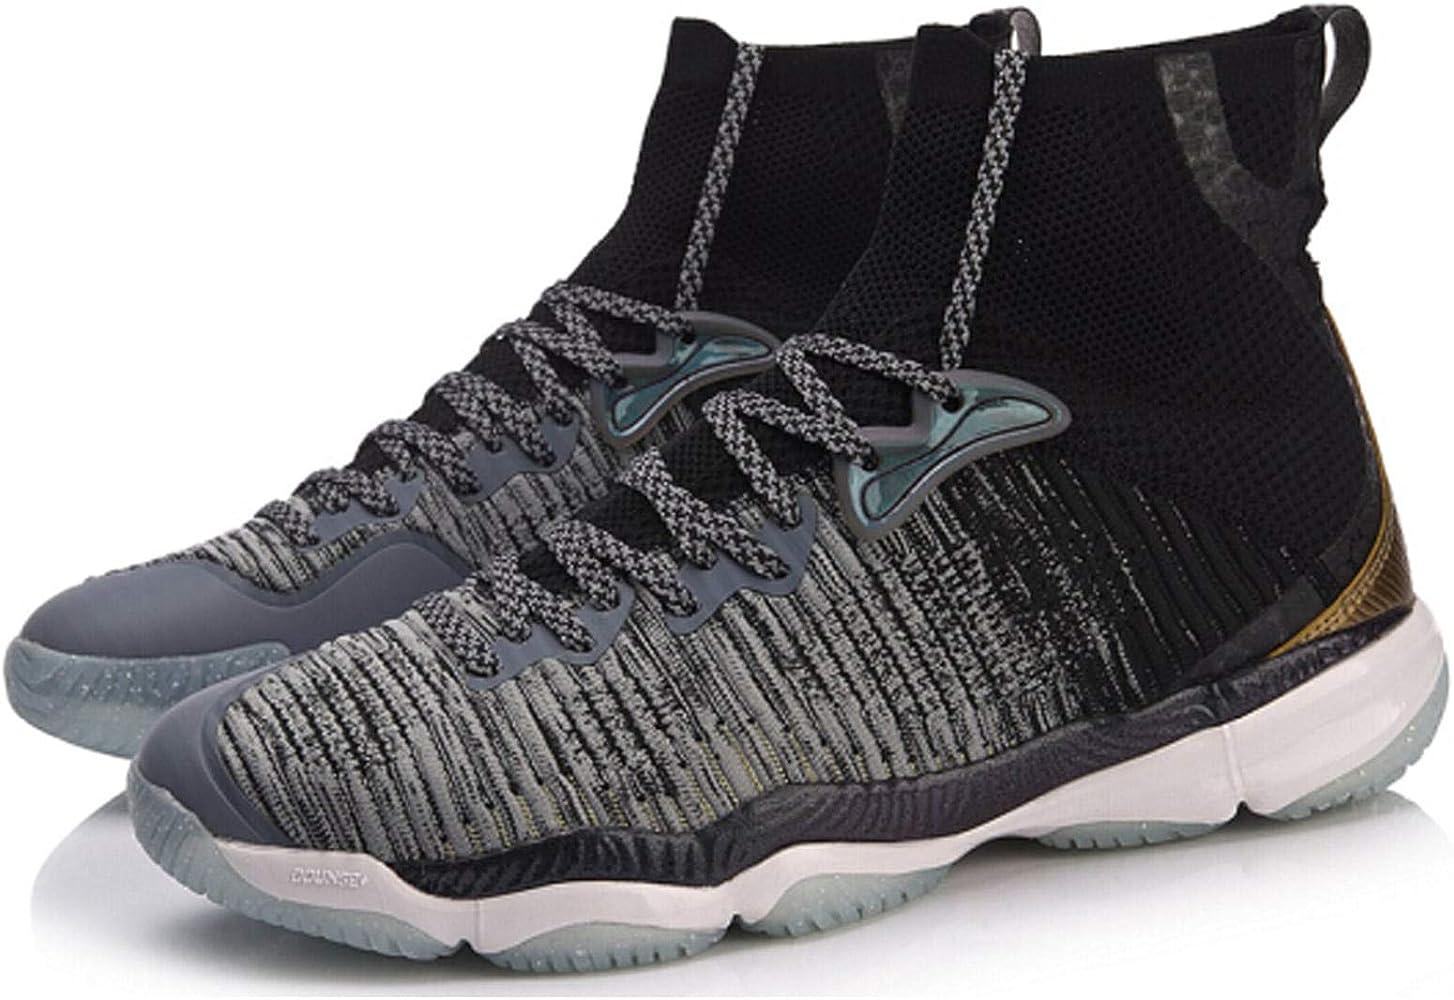 Li Ning Ranger 2.0 - Zapatillas de bádminton, Color Negro, Color Negro, Talla 45 EU: Amazon.es: Zapatos y complementos